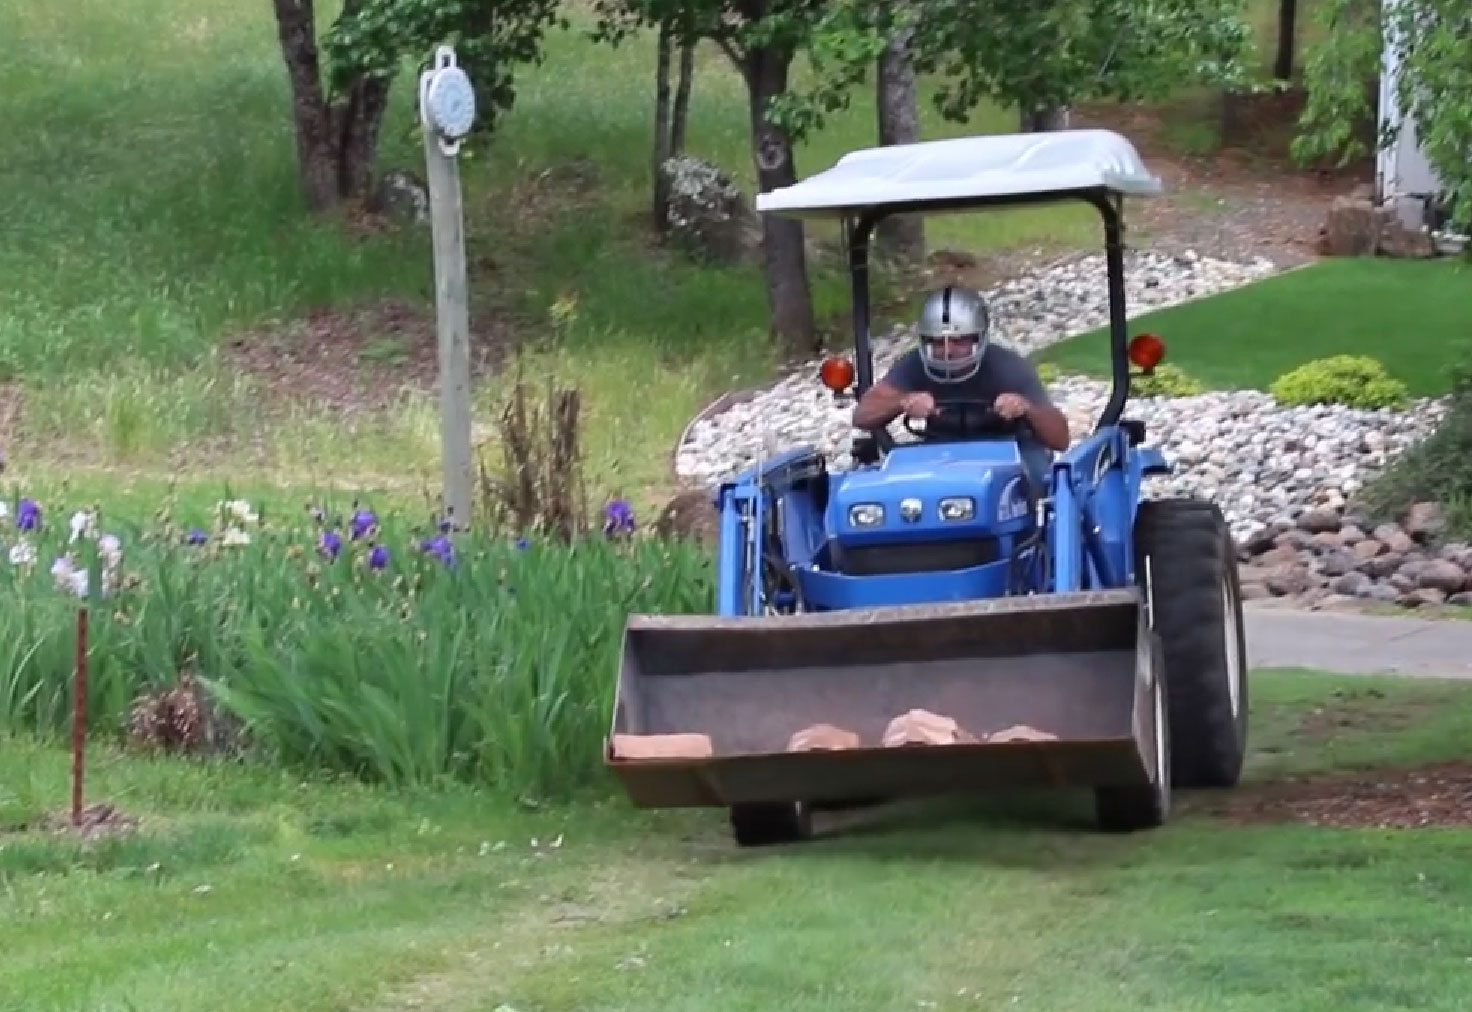 Base installation riding blue truck artificial grass